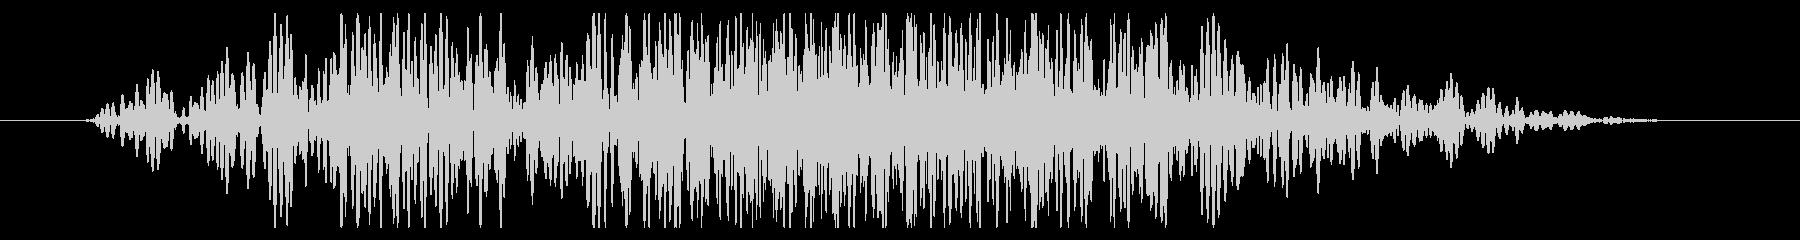 斬撃 ディープスコールヘビーショート01の未再生の波形